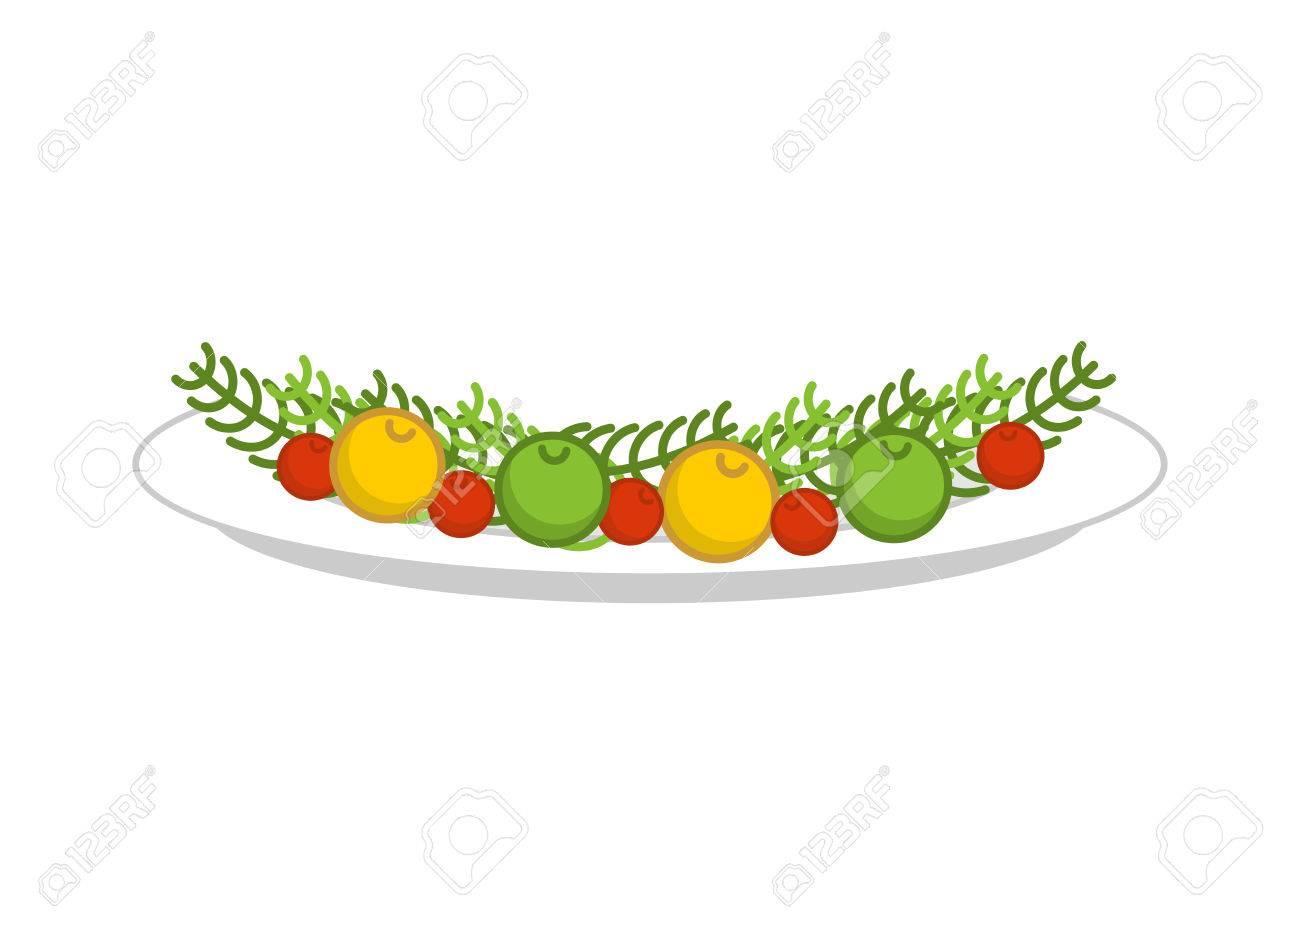 Teller Mit Gemüse Für Gebratenen Truthahn. Teller Mit Garnierung Für ...